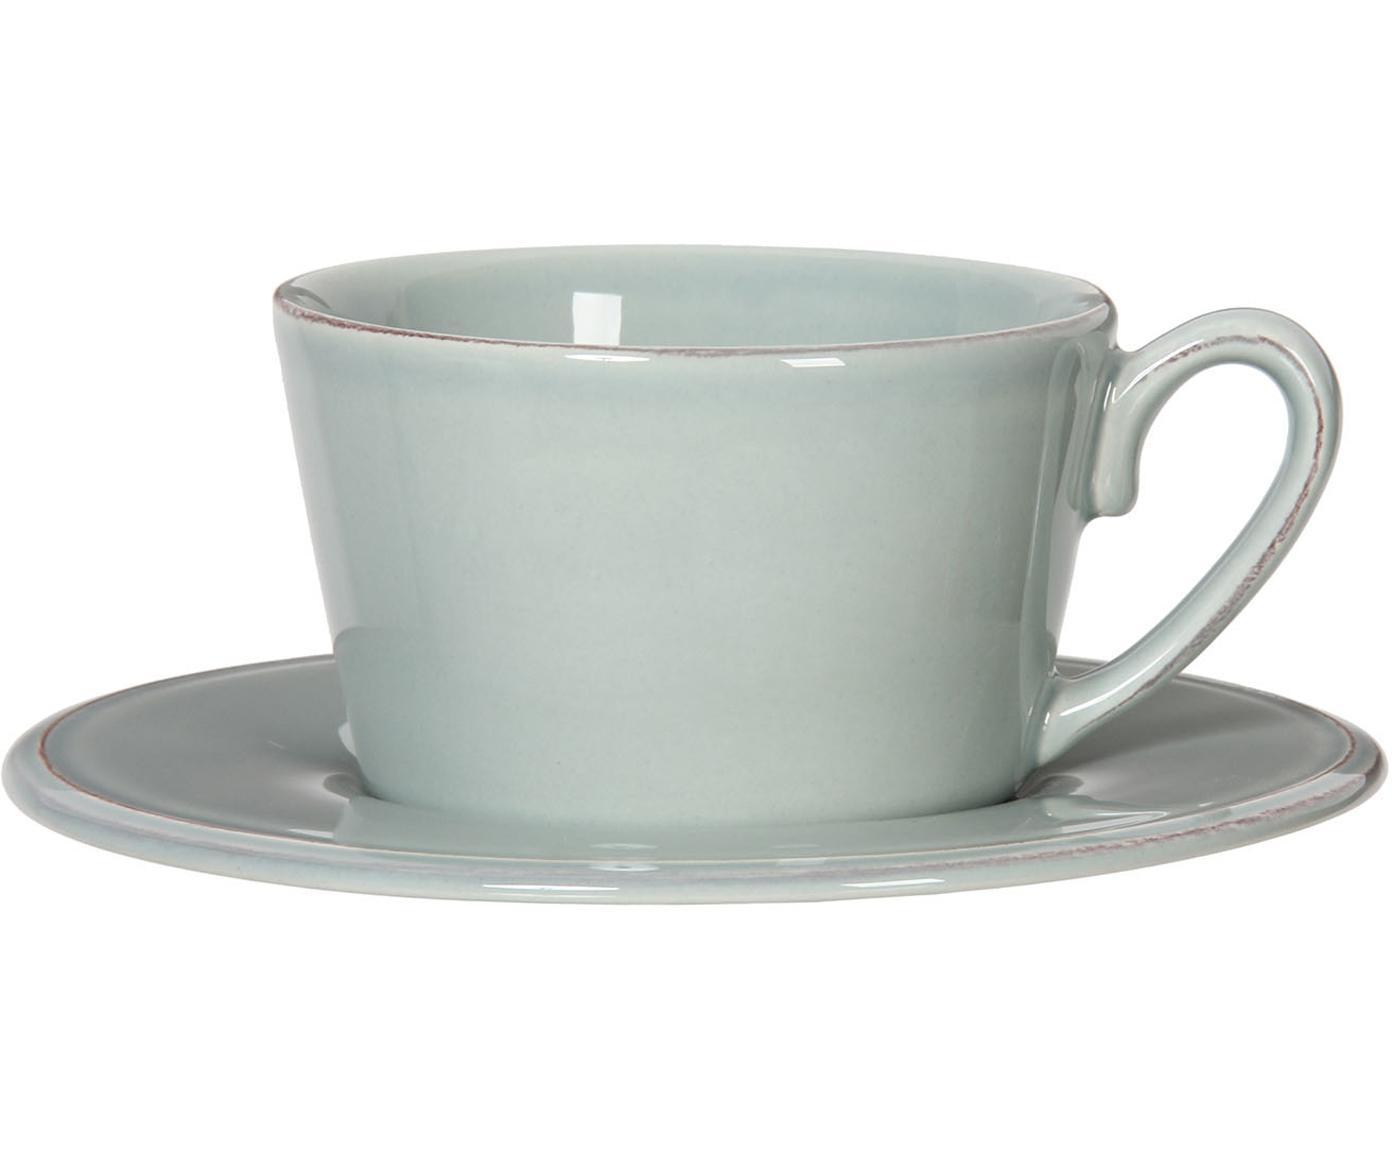 Teetasse Constance mit Untertasse in Mint, Steingut, Mint, Ø 19 x H 8 cm